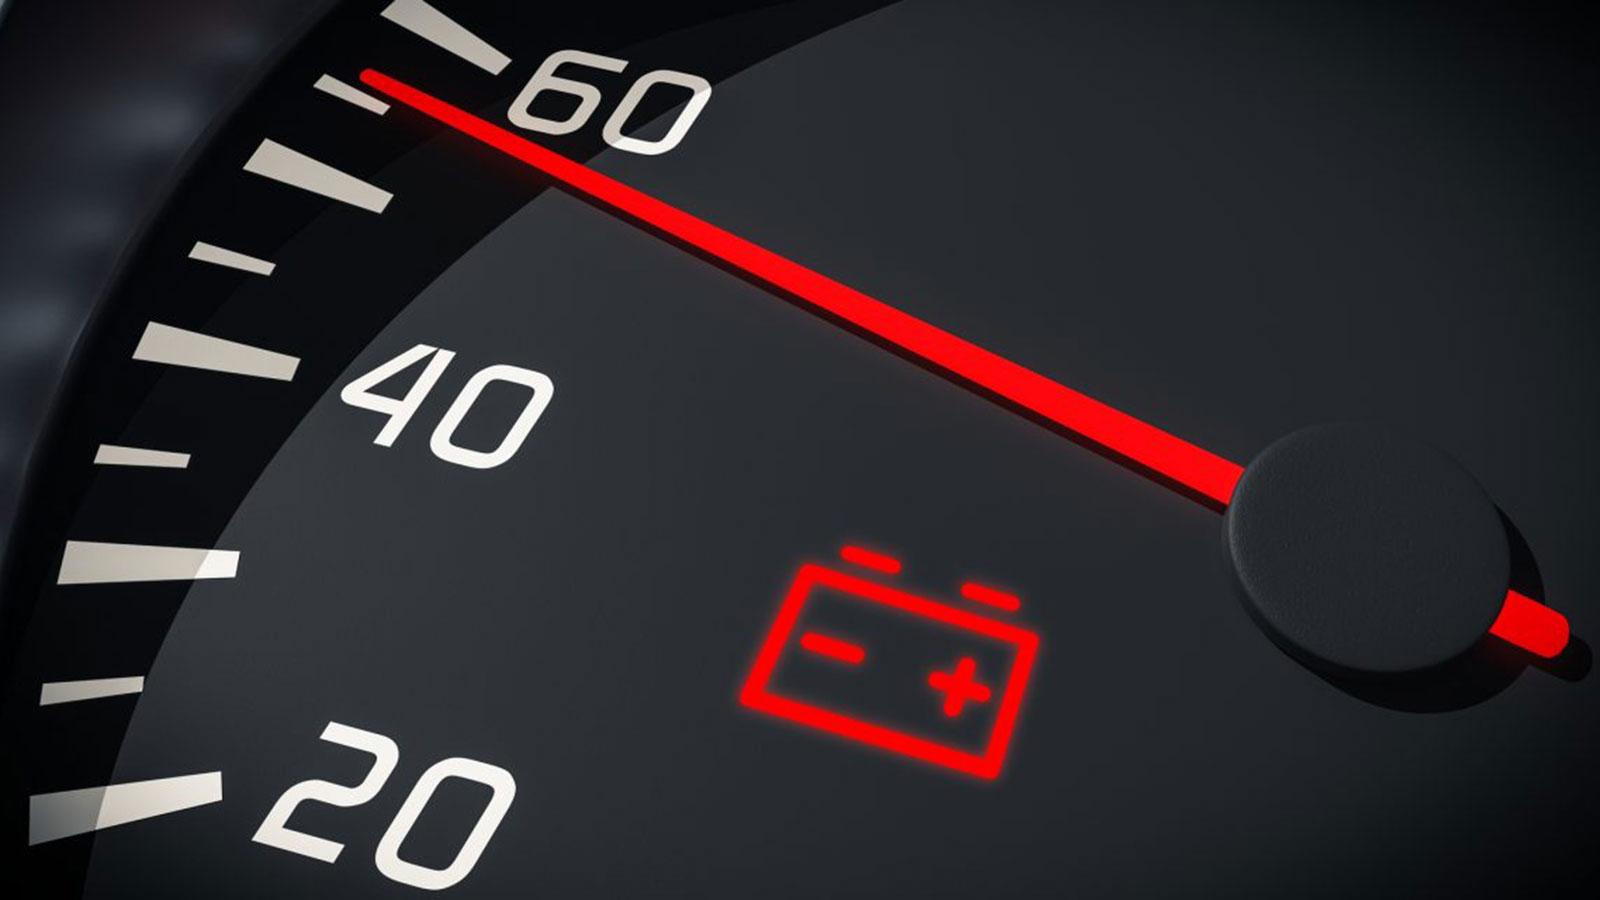 Ο έλεγχος της μπαταρίας αυτοκινήτου, στα εξουσιοδοτημένα συνεργεία γίνεται με τα ειδικά διαγνωστικά που απαιτεί ο κατασκευαστής.